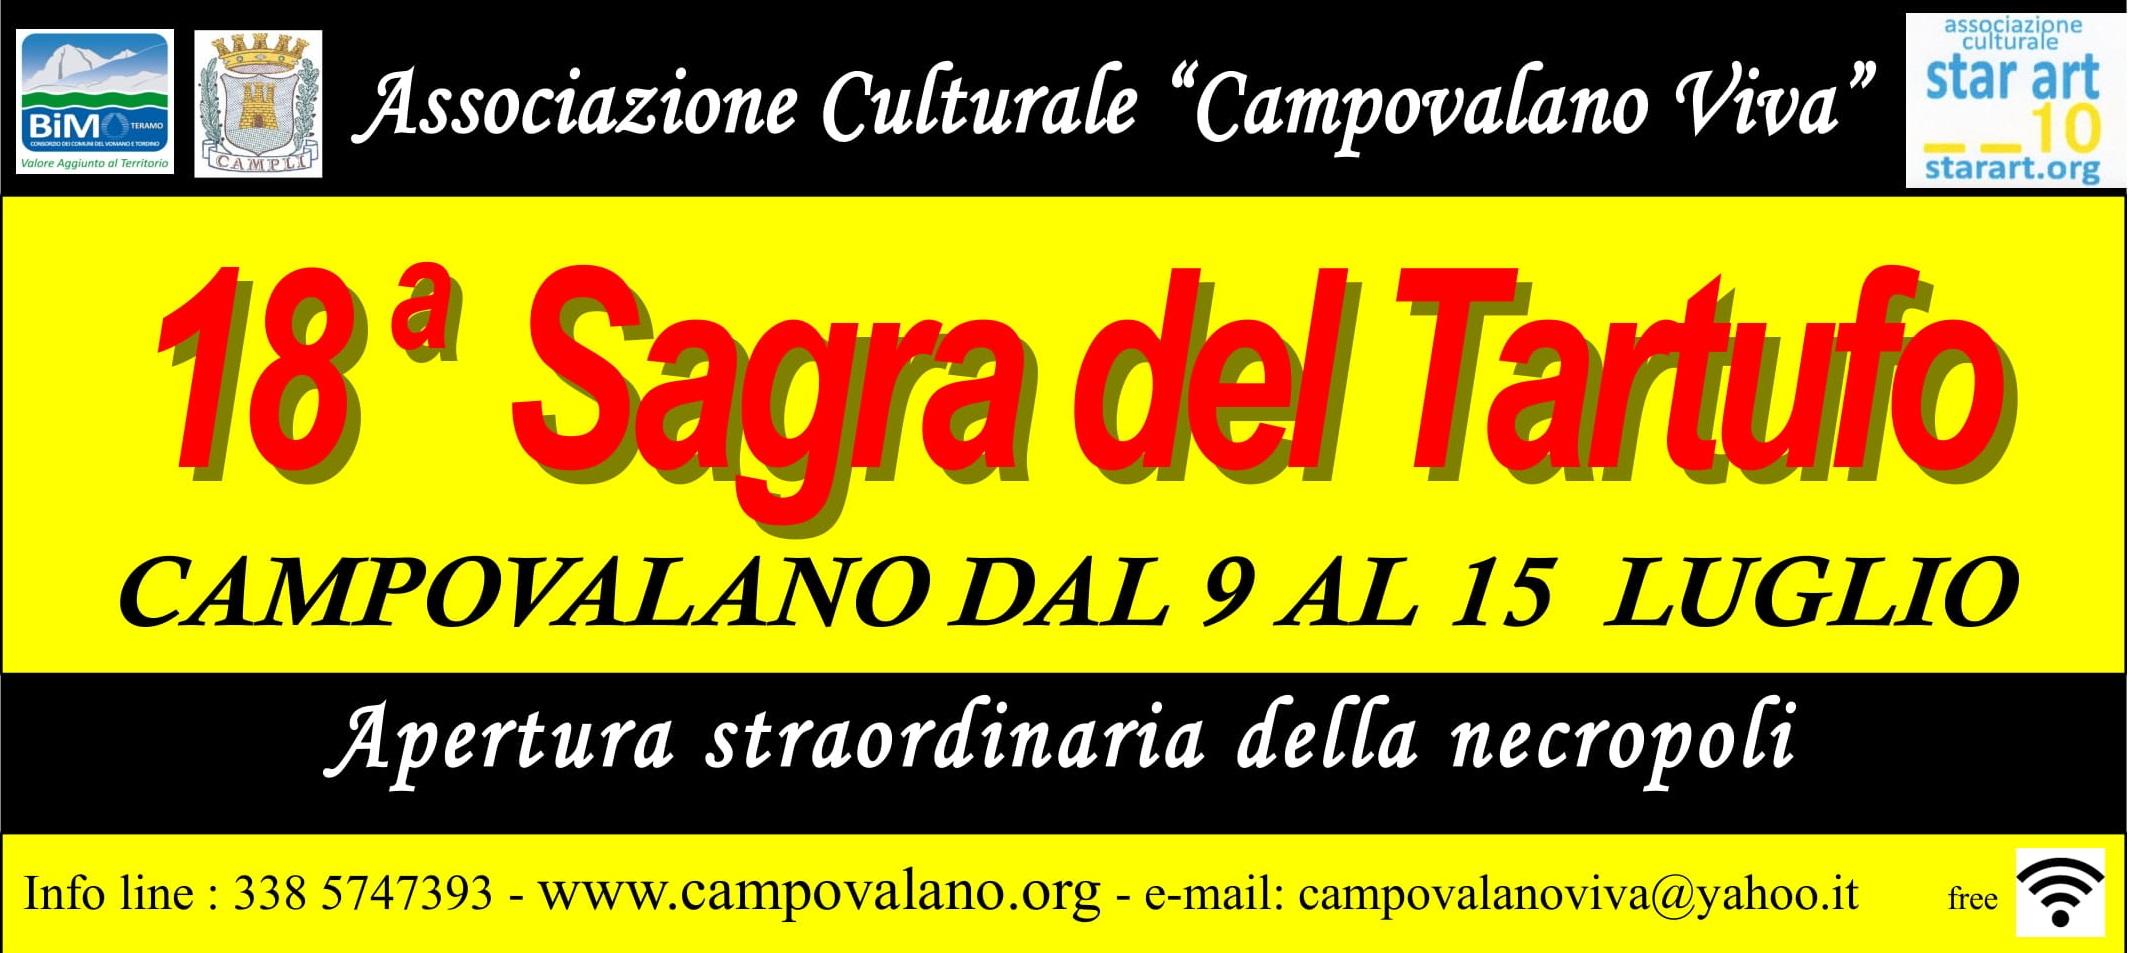 Dal 9 al 15 luglio la Sagra del Tartufo di Campovalano con apertura straordinaria della Necropoli